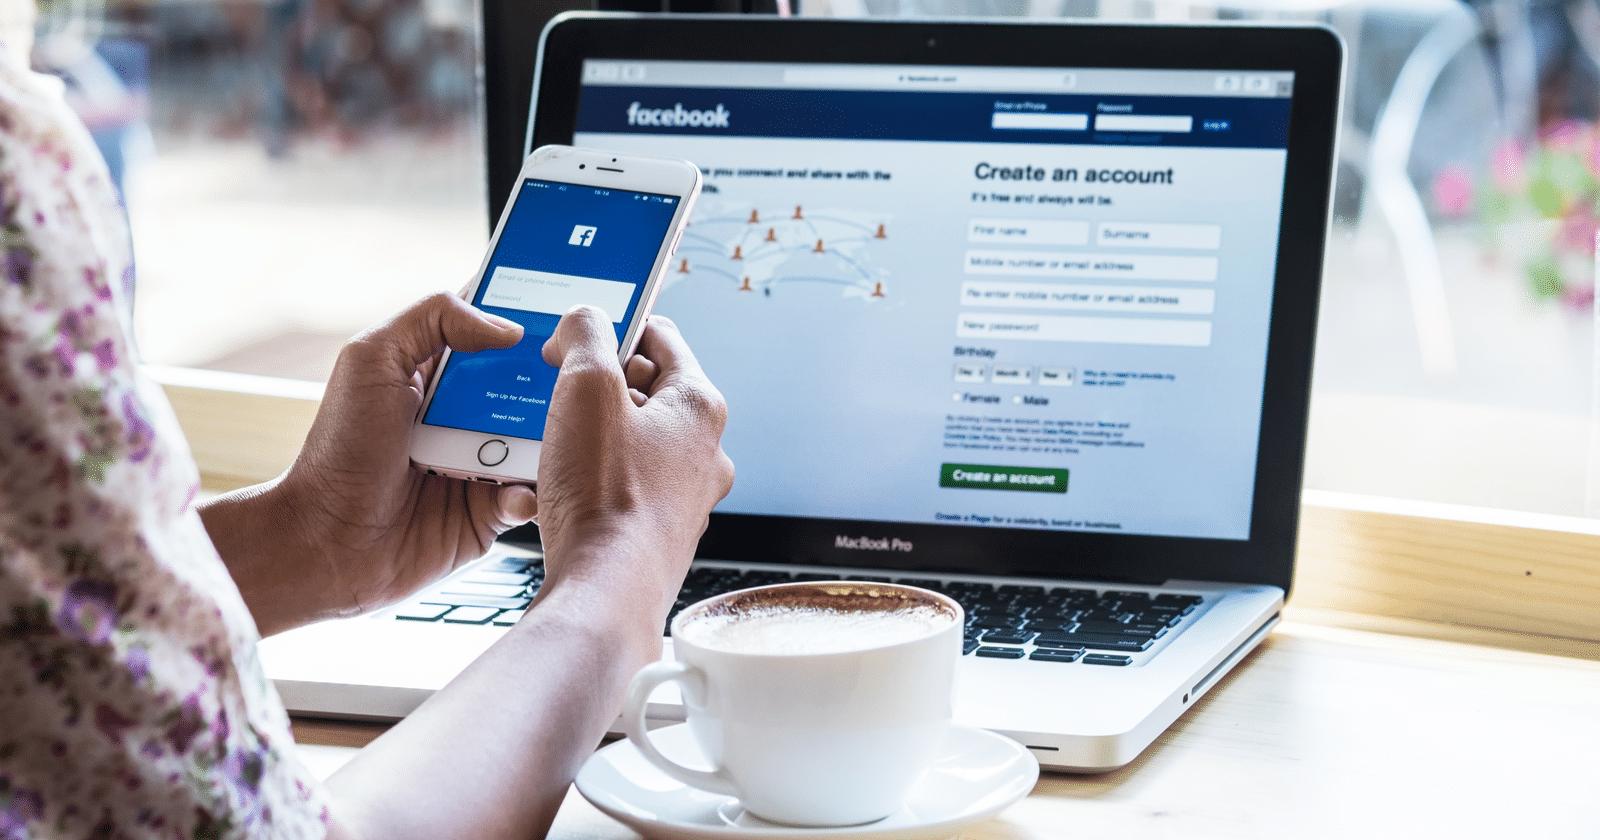 زيادة المتابعين على الفيسبوك